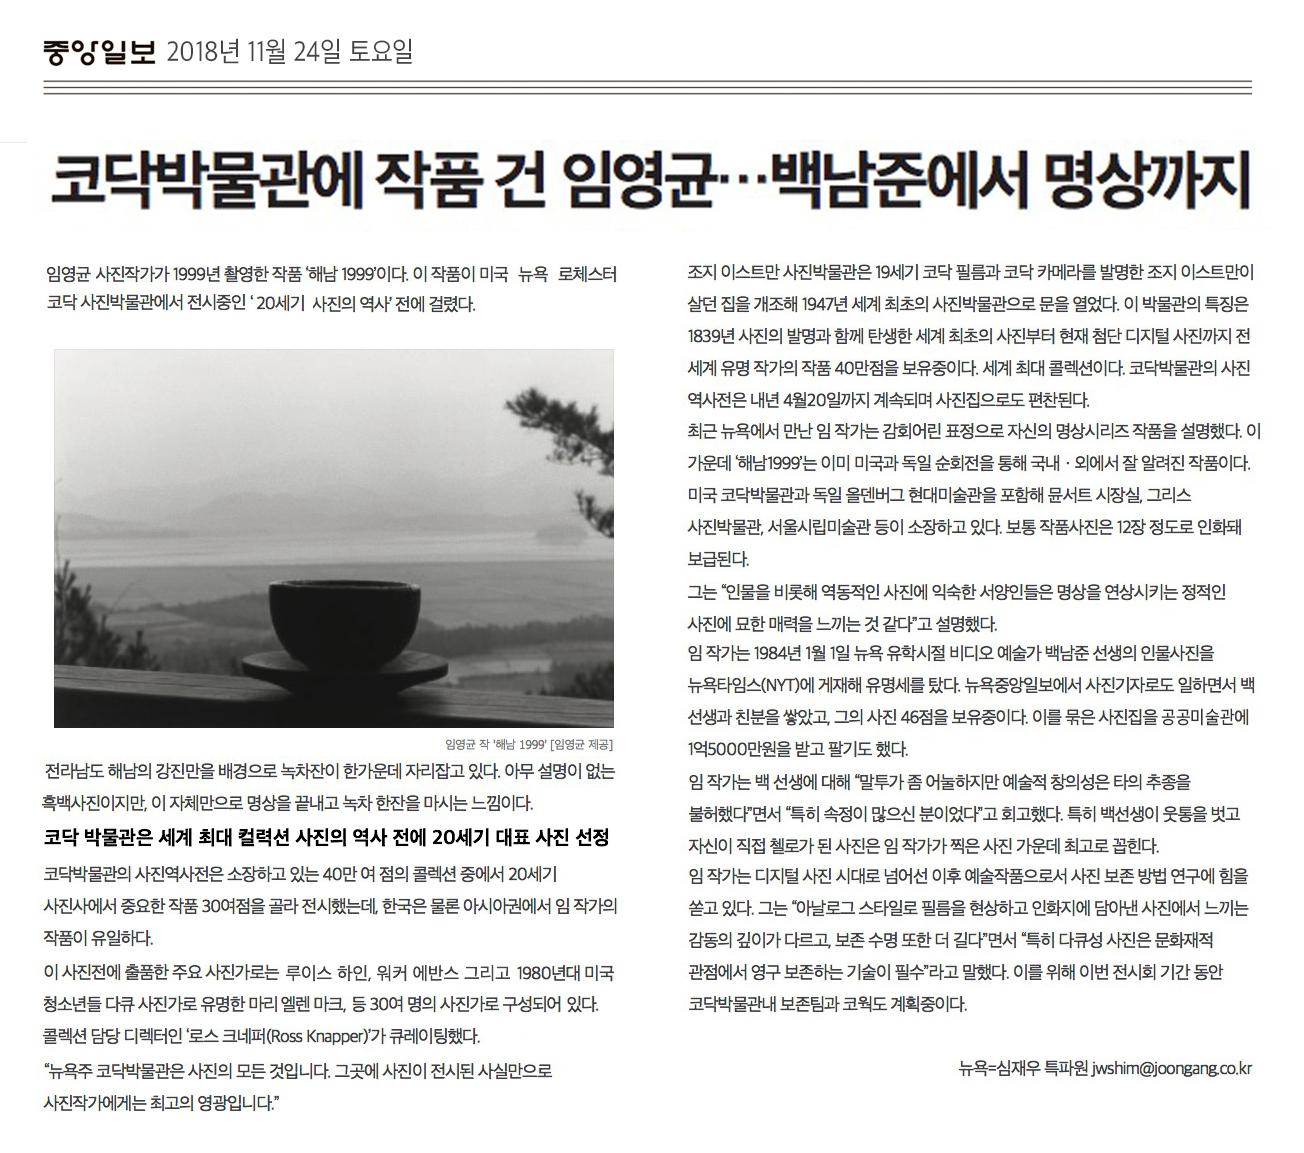 중앙일보 2018년 11월 24일 중앙일보 코닥박물관.jpg